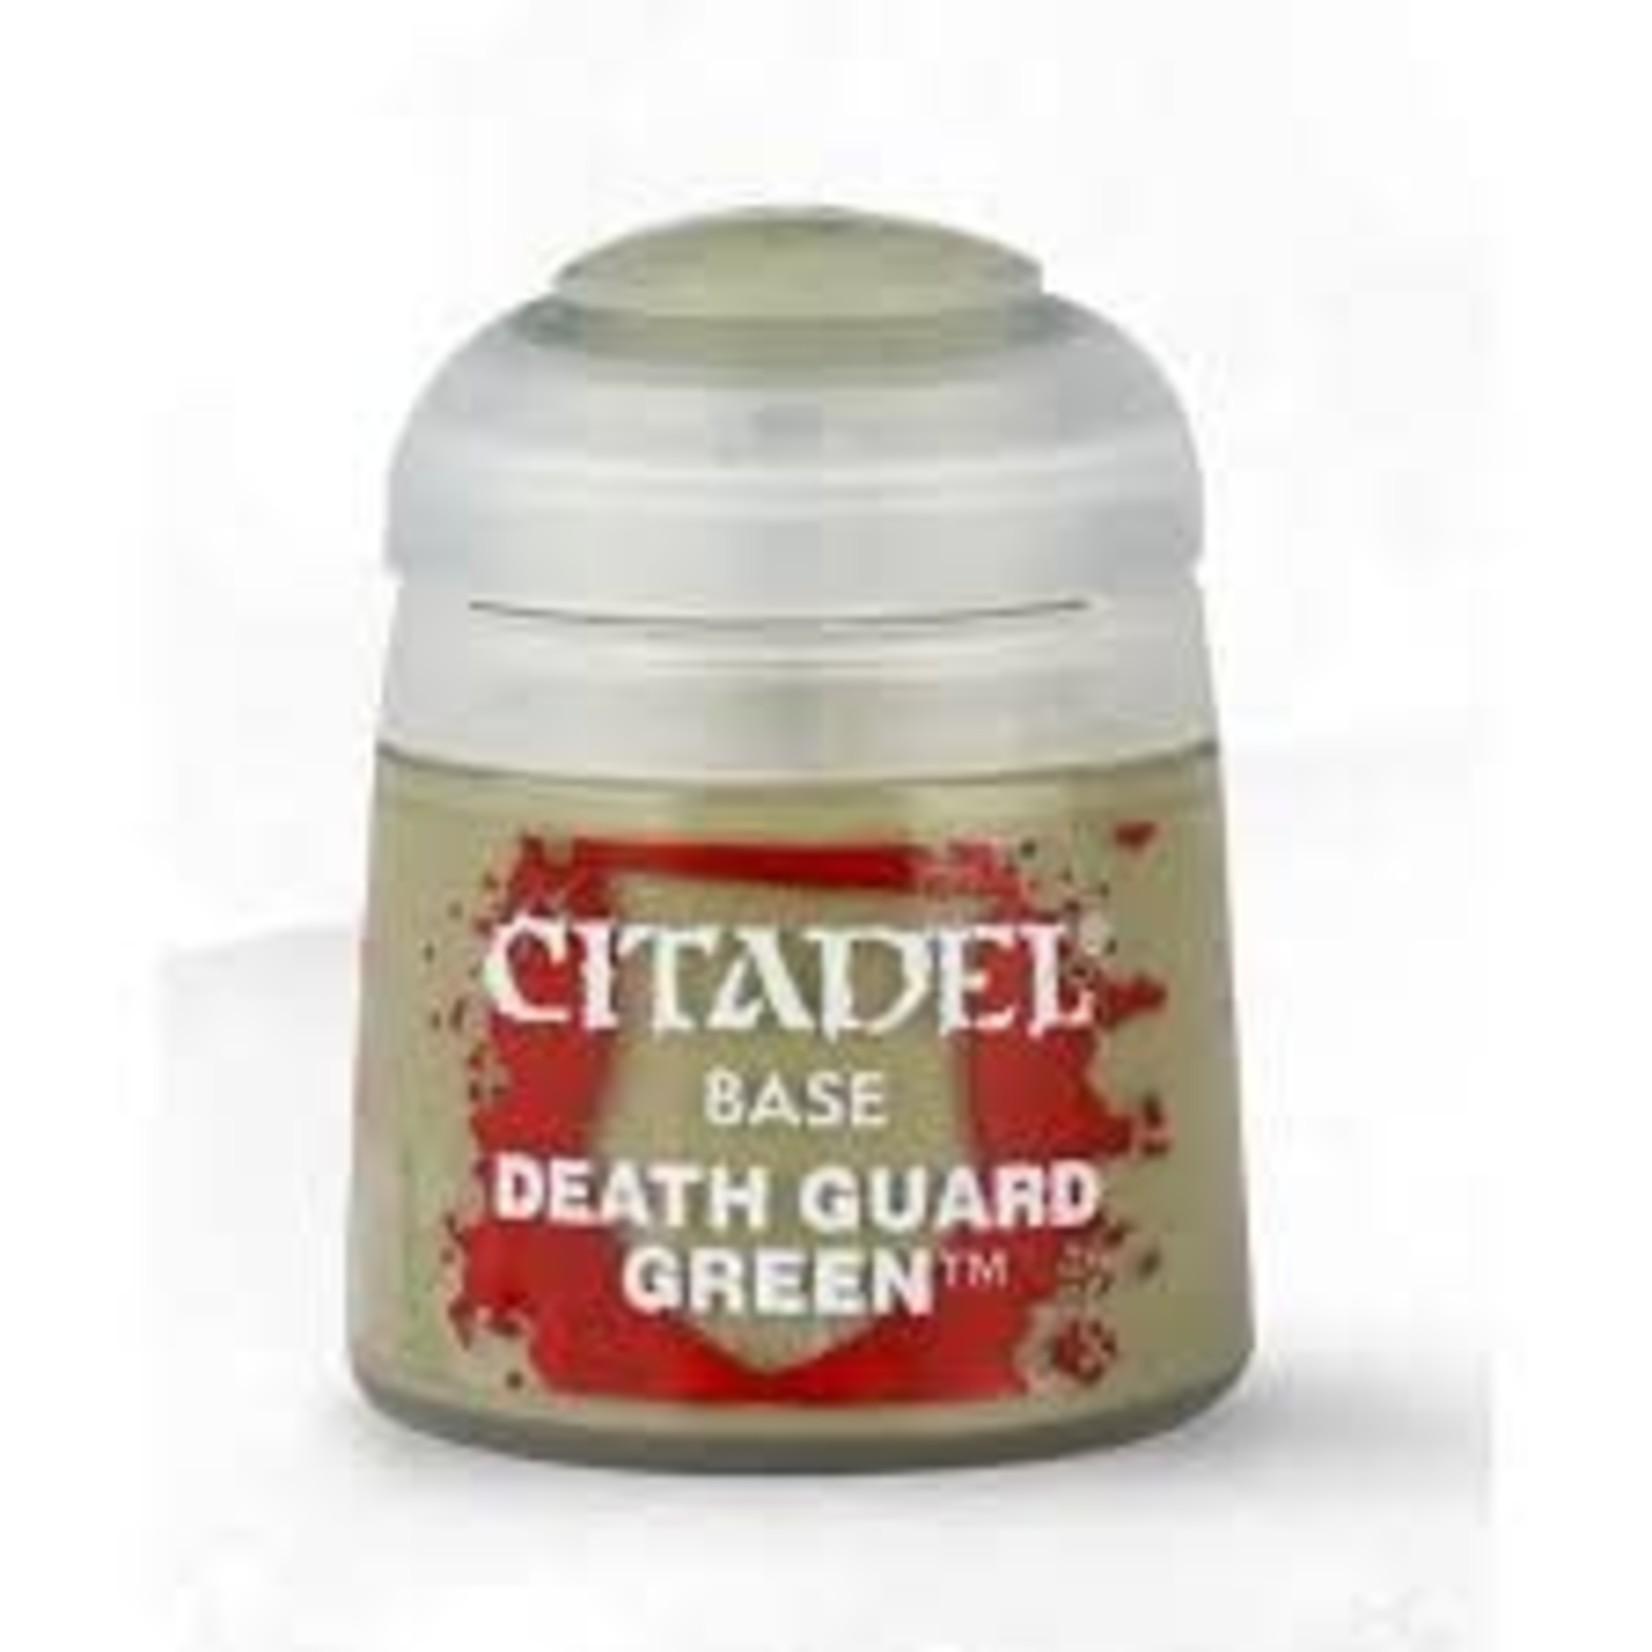 Games Workshop Citadel Paint: Death Guard Green 12ml